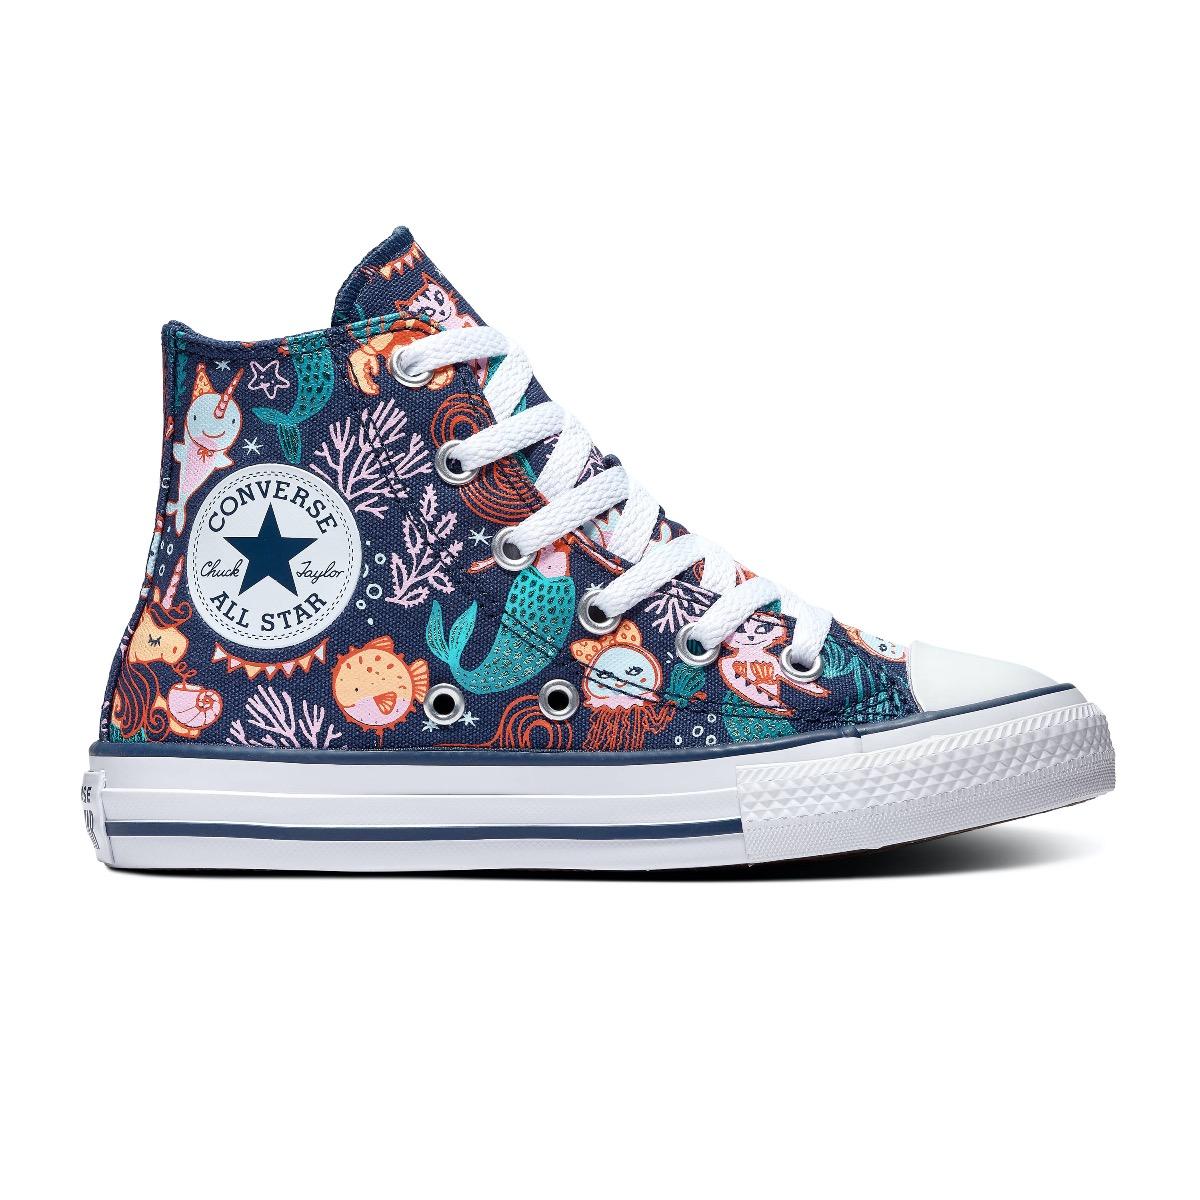 Blauwe Meisjes Converse Sneakers kopen? Vergelijk op Schoenen.nl